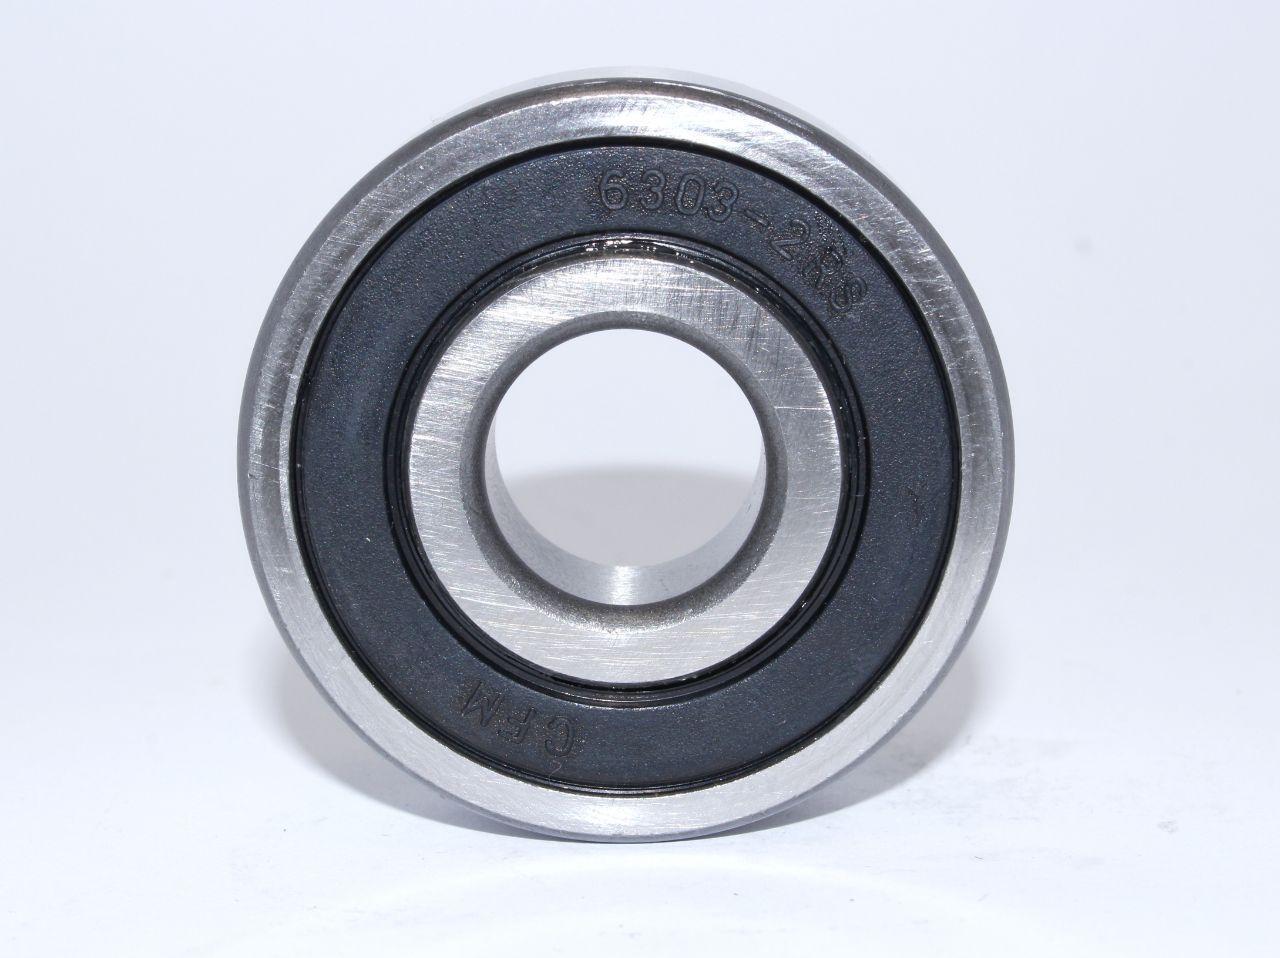 Підшипник 6004 2RS (ГОСТ: 180104) CFM (Китай), 20х42х12 мм, кульковий радіальний однорядний